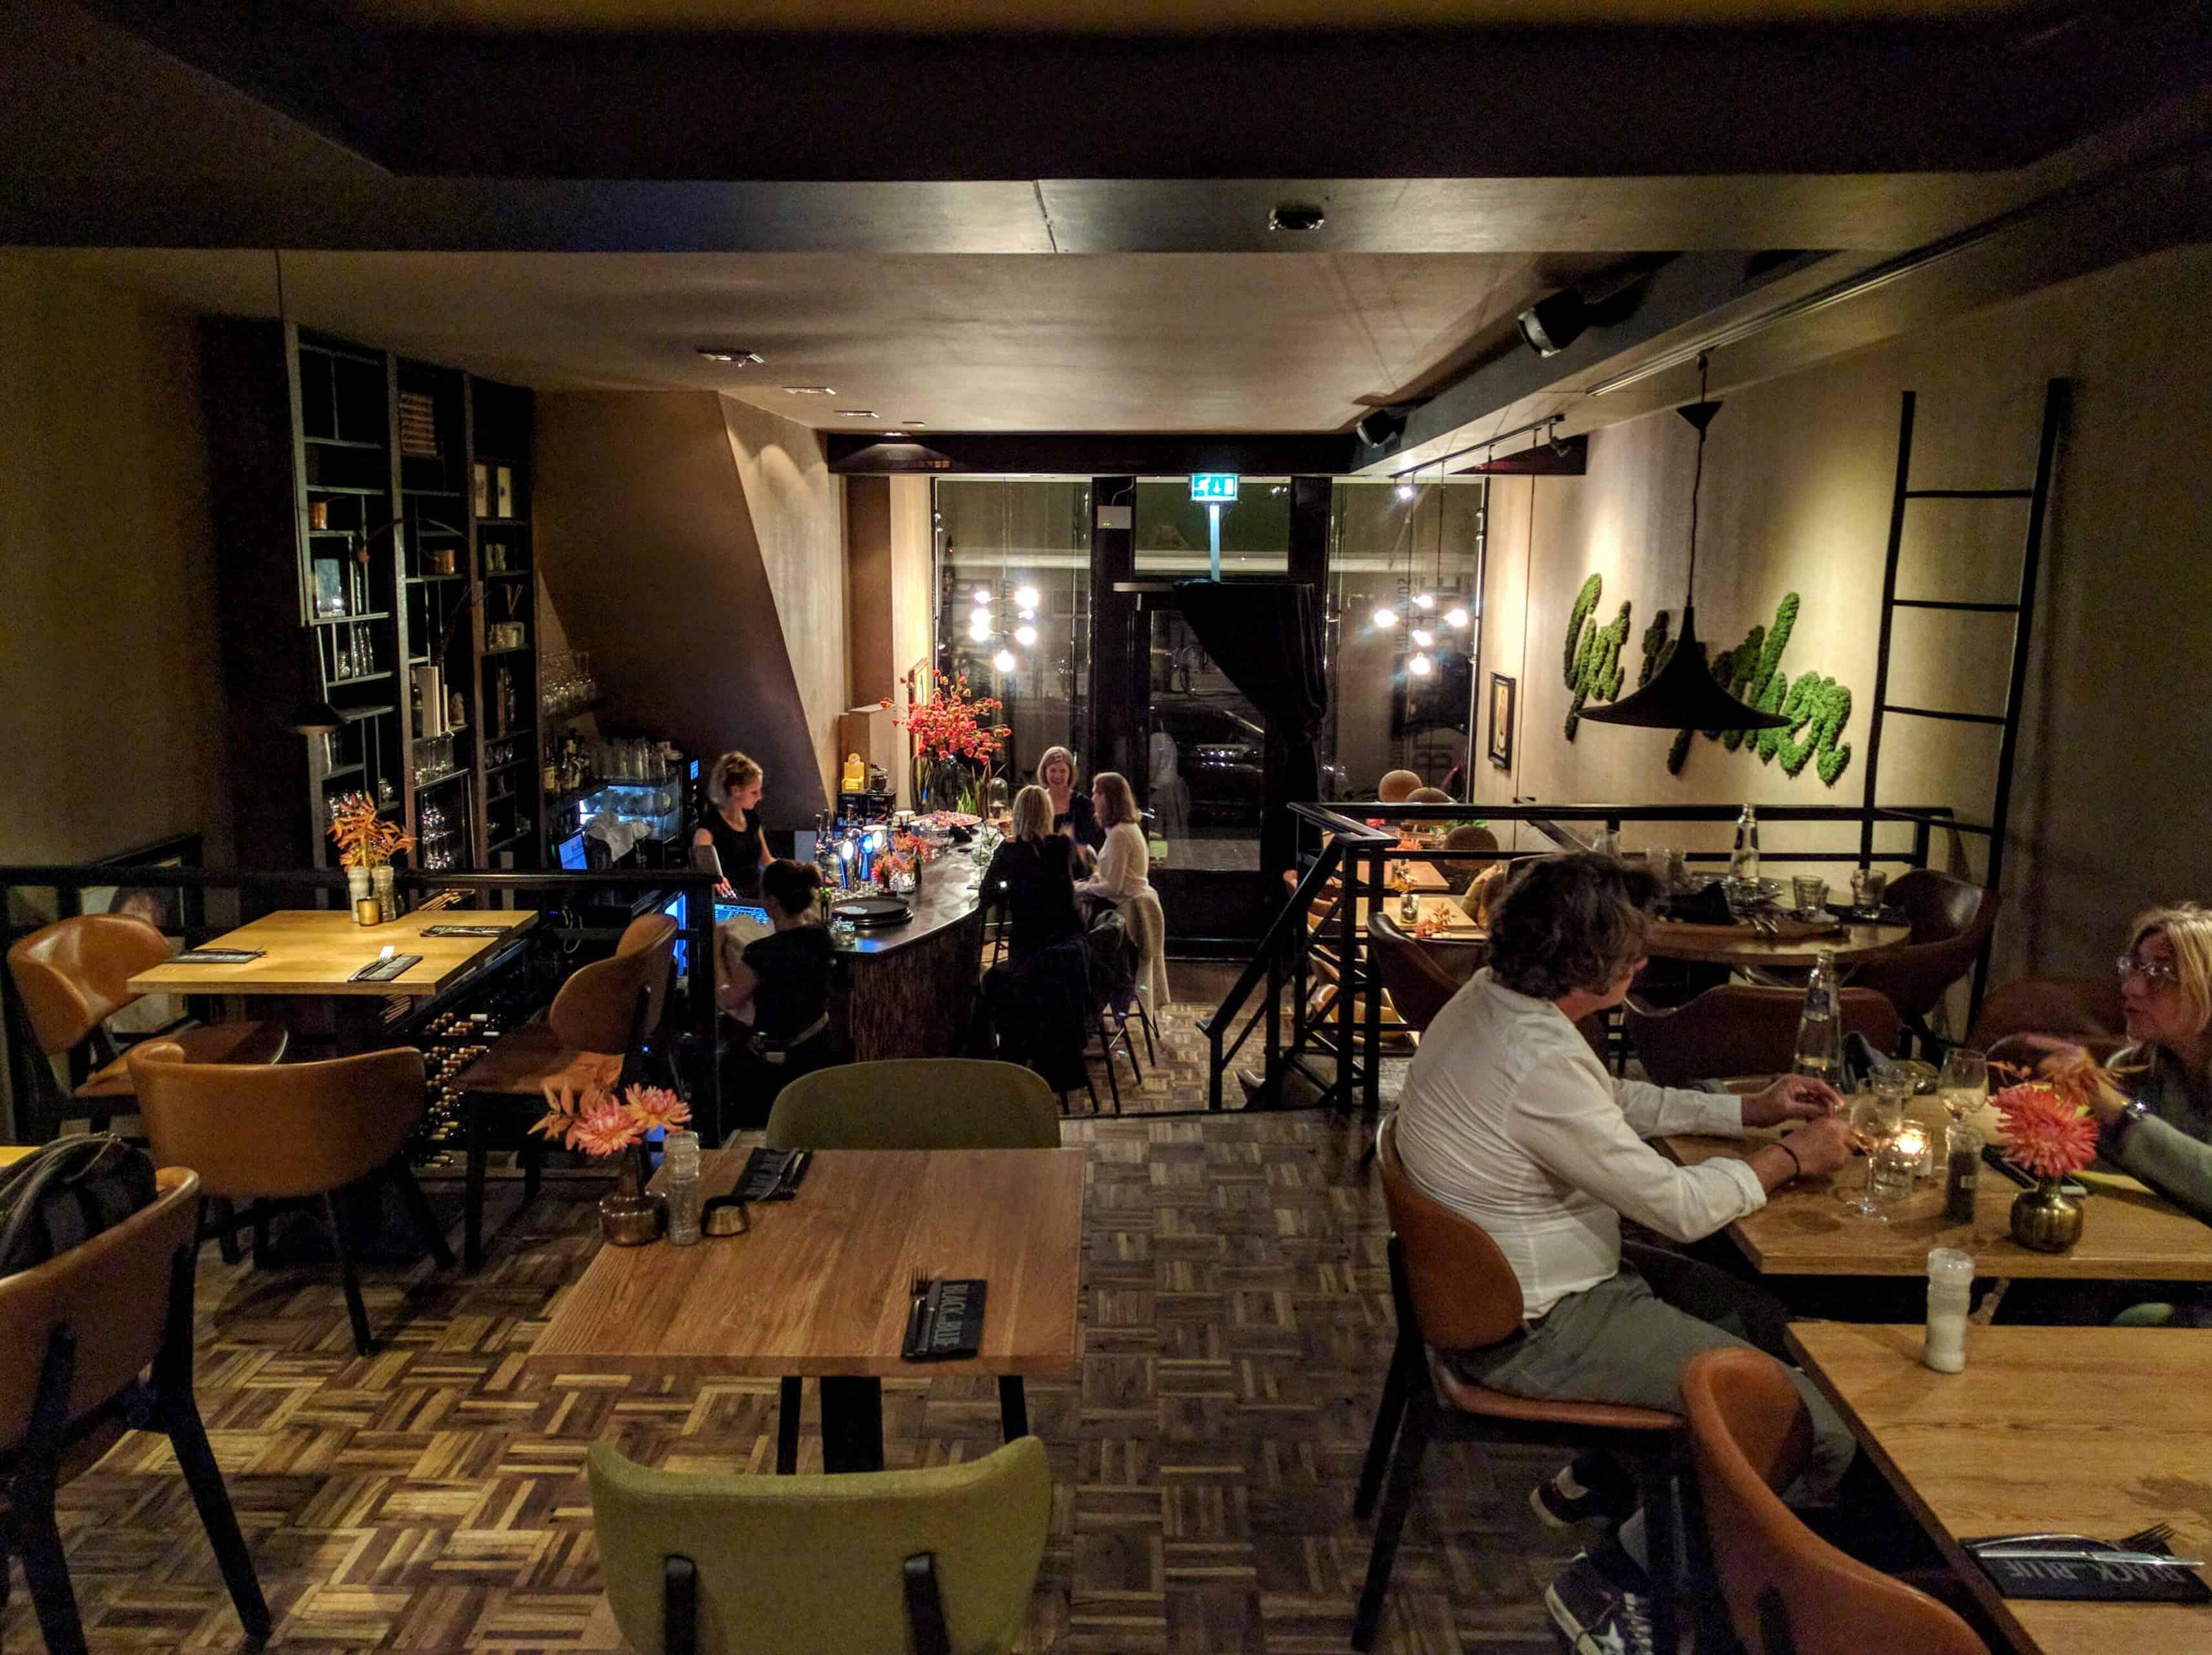 Restaurante Black and Blue, em Amsterdã: vista geral do interior